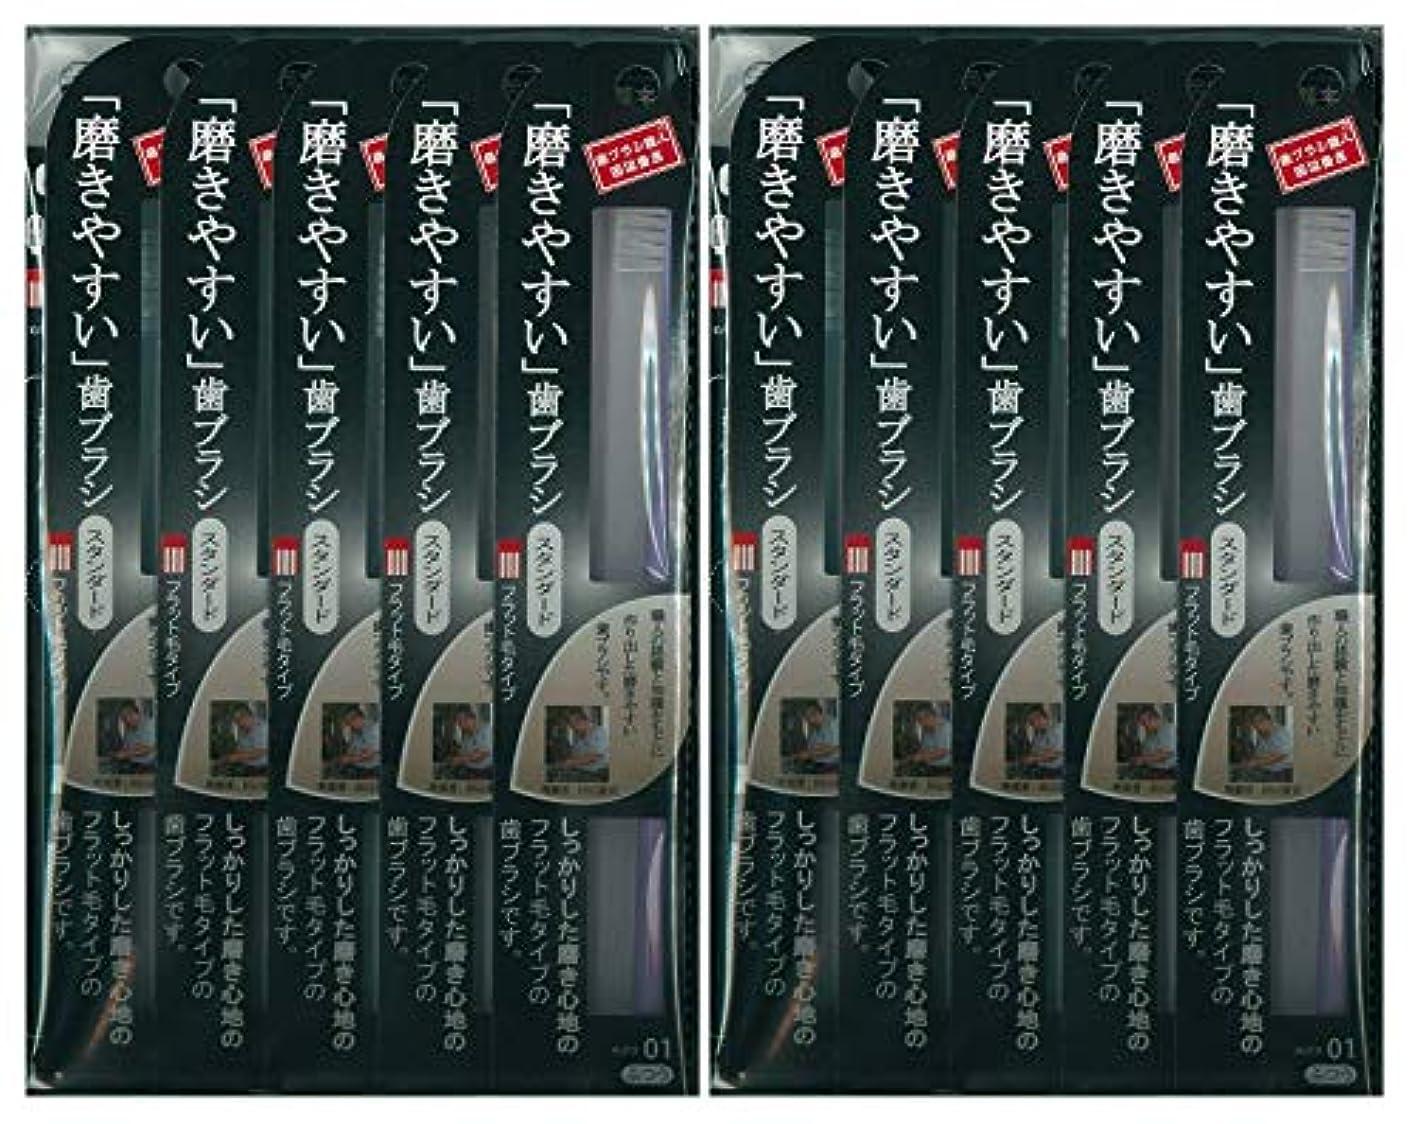 ゴール変数フォーマット歯ブラシ職人 田辺重吉考案 磨きやすい歯ブラシ ふつう (フラット) LT-01 1本入×24本セット